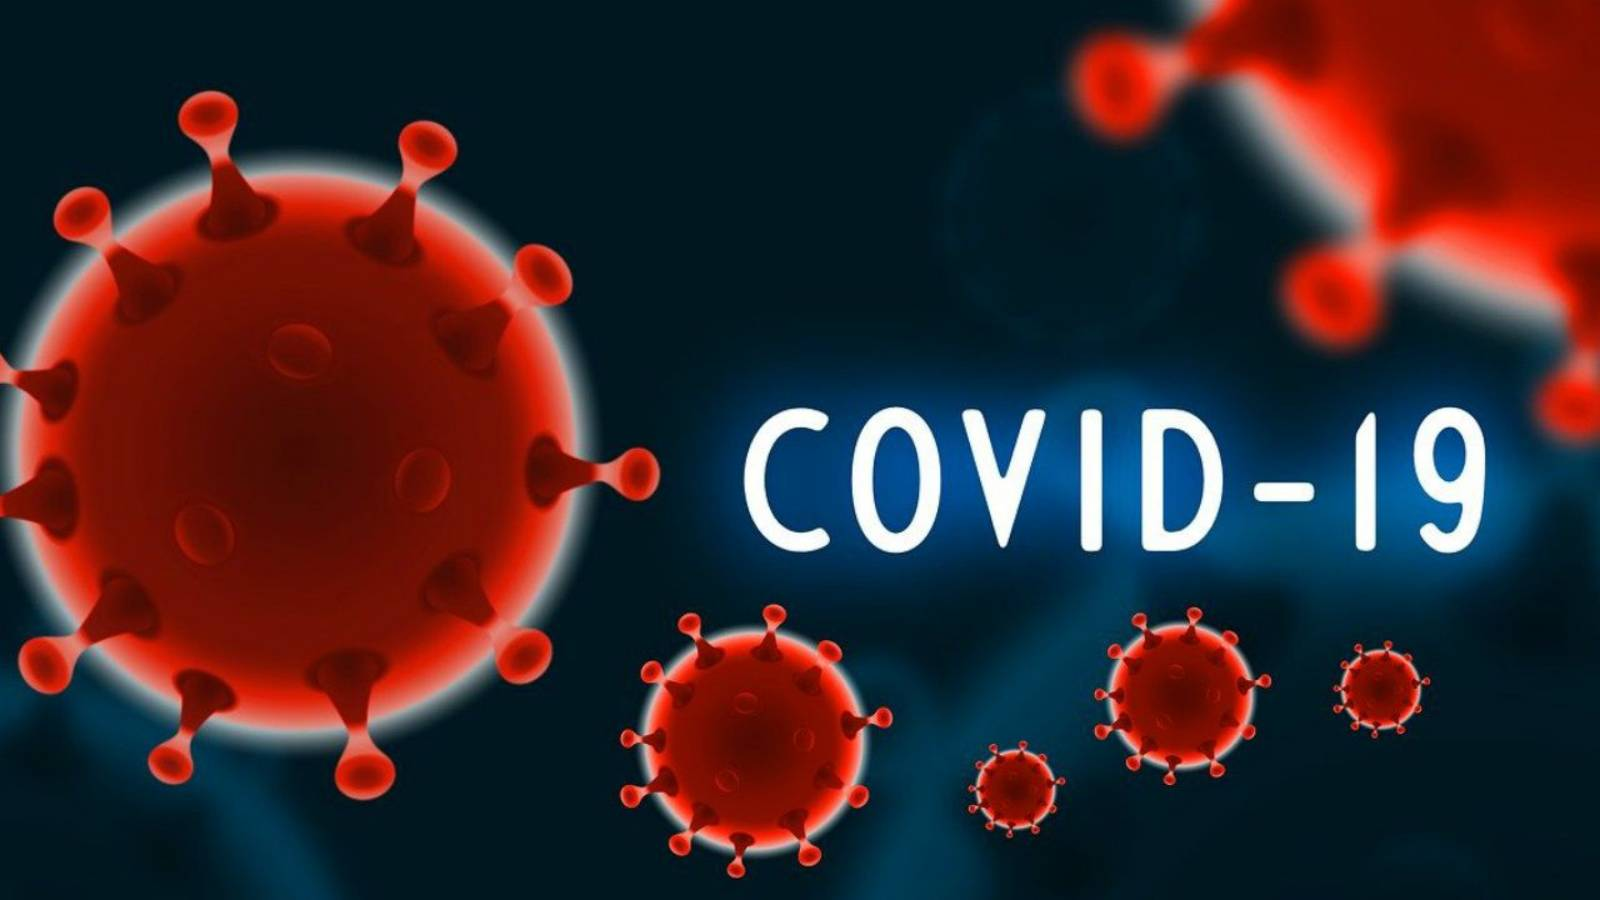 Romania creste numarul vaccinarilor zilnice COVID-19